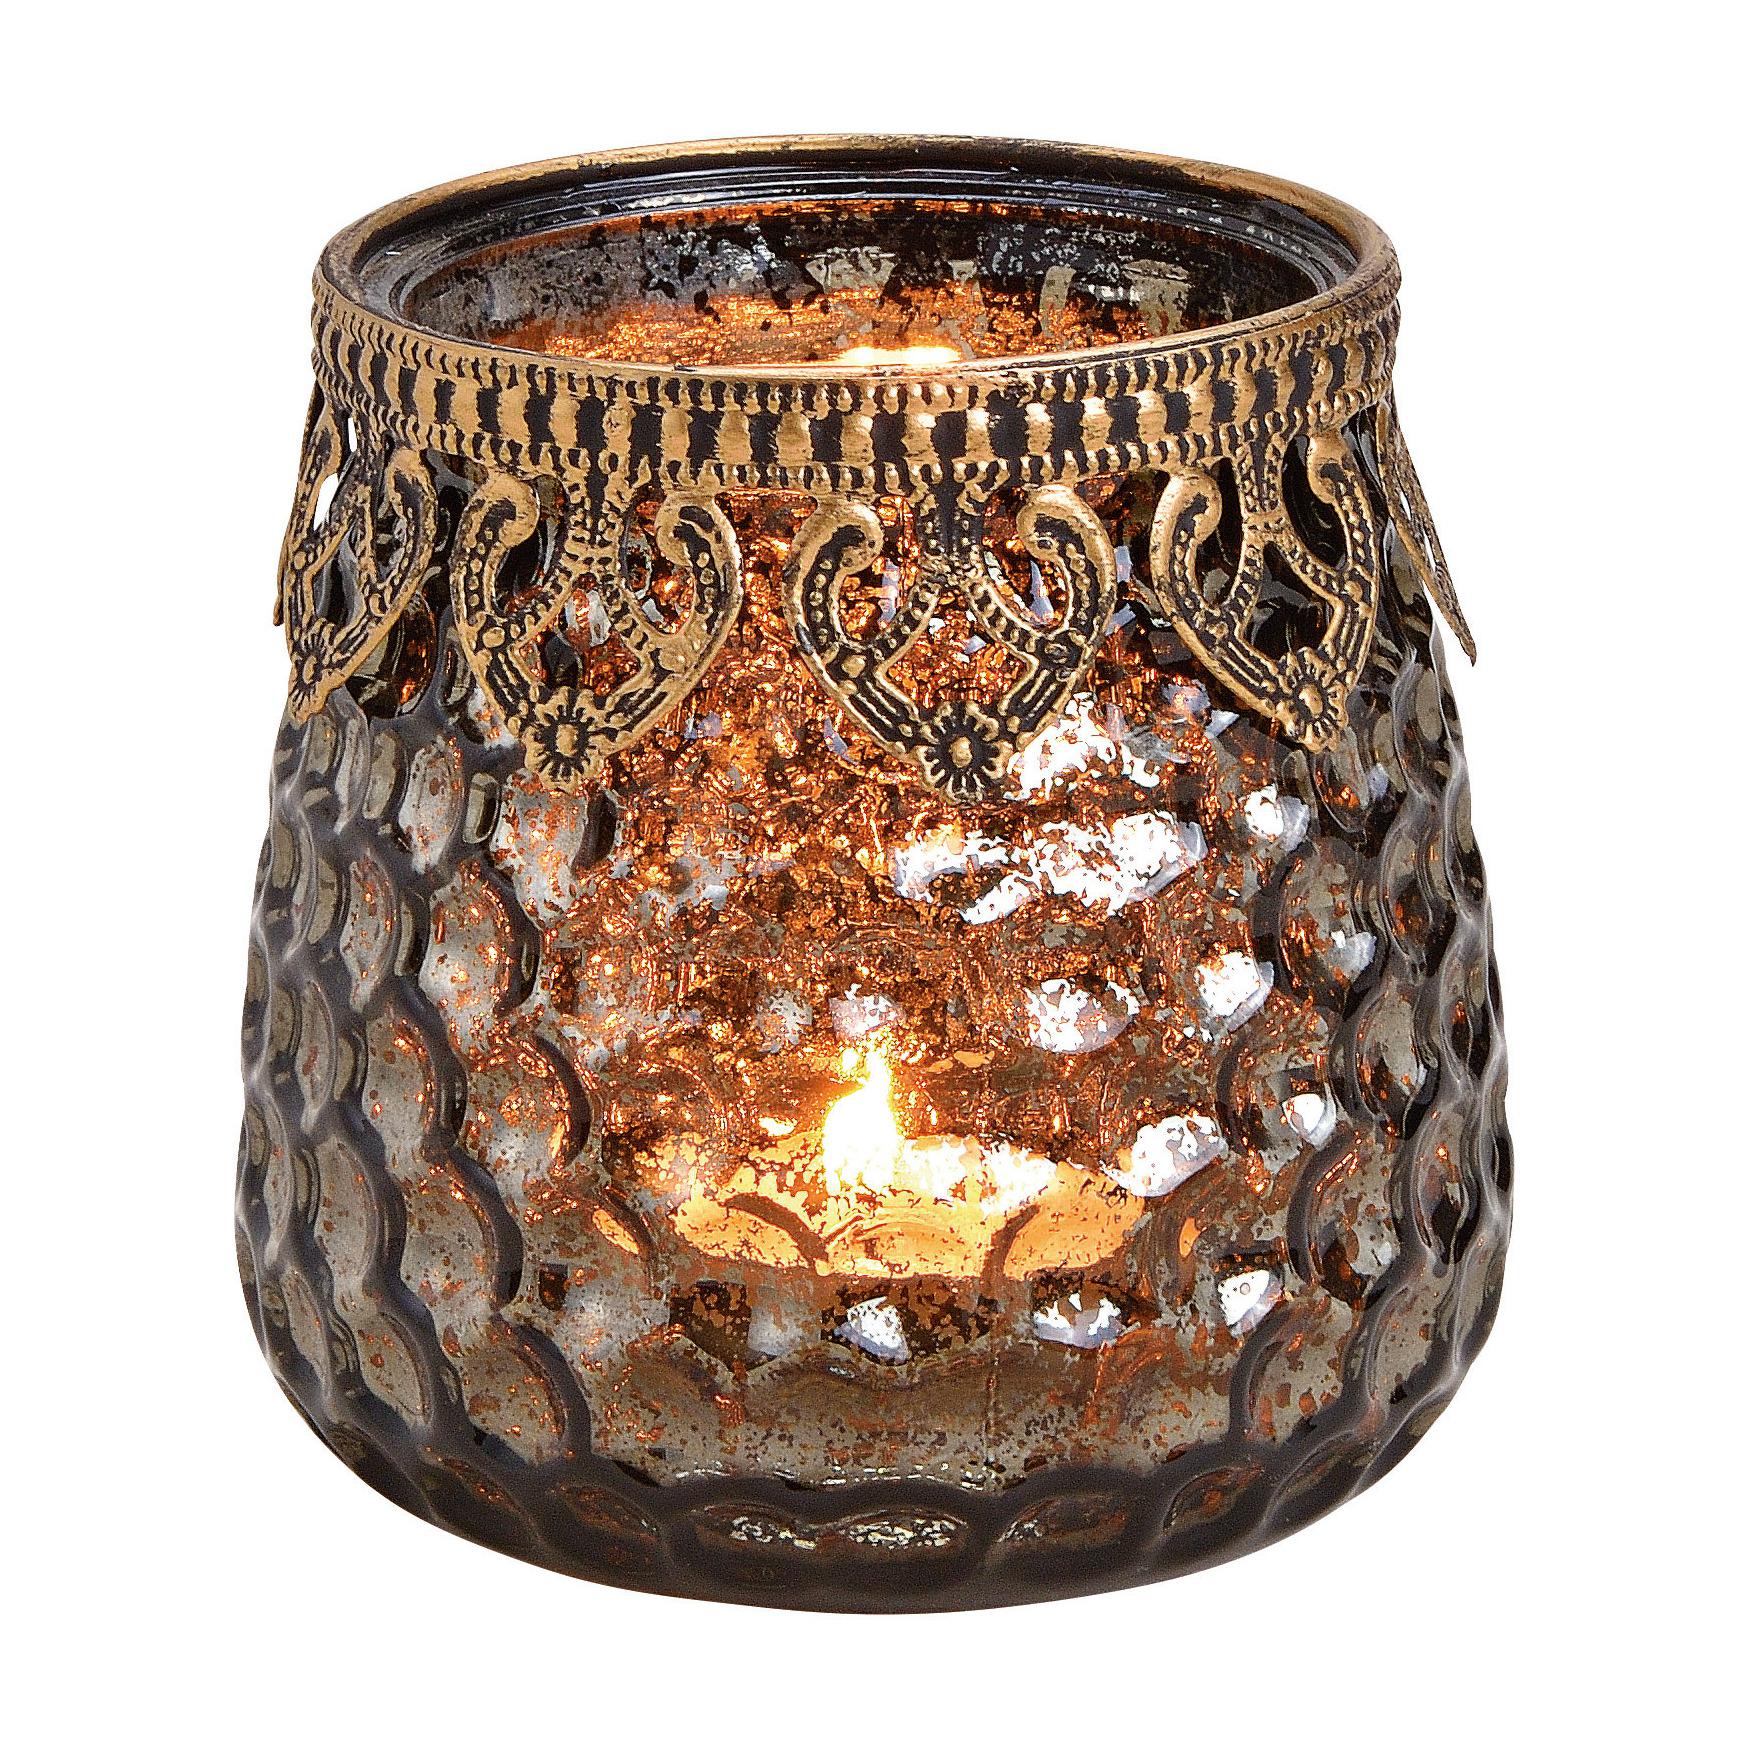 1x Glazen kaarsenhouders voor theelichtjes/waxinelichtjes 9 x 9 cm antieklook/Oosters -